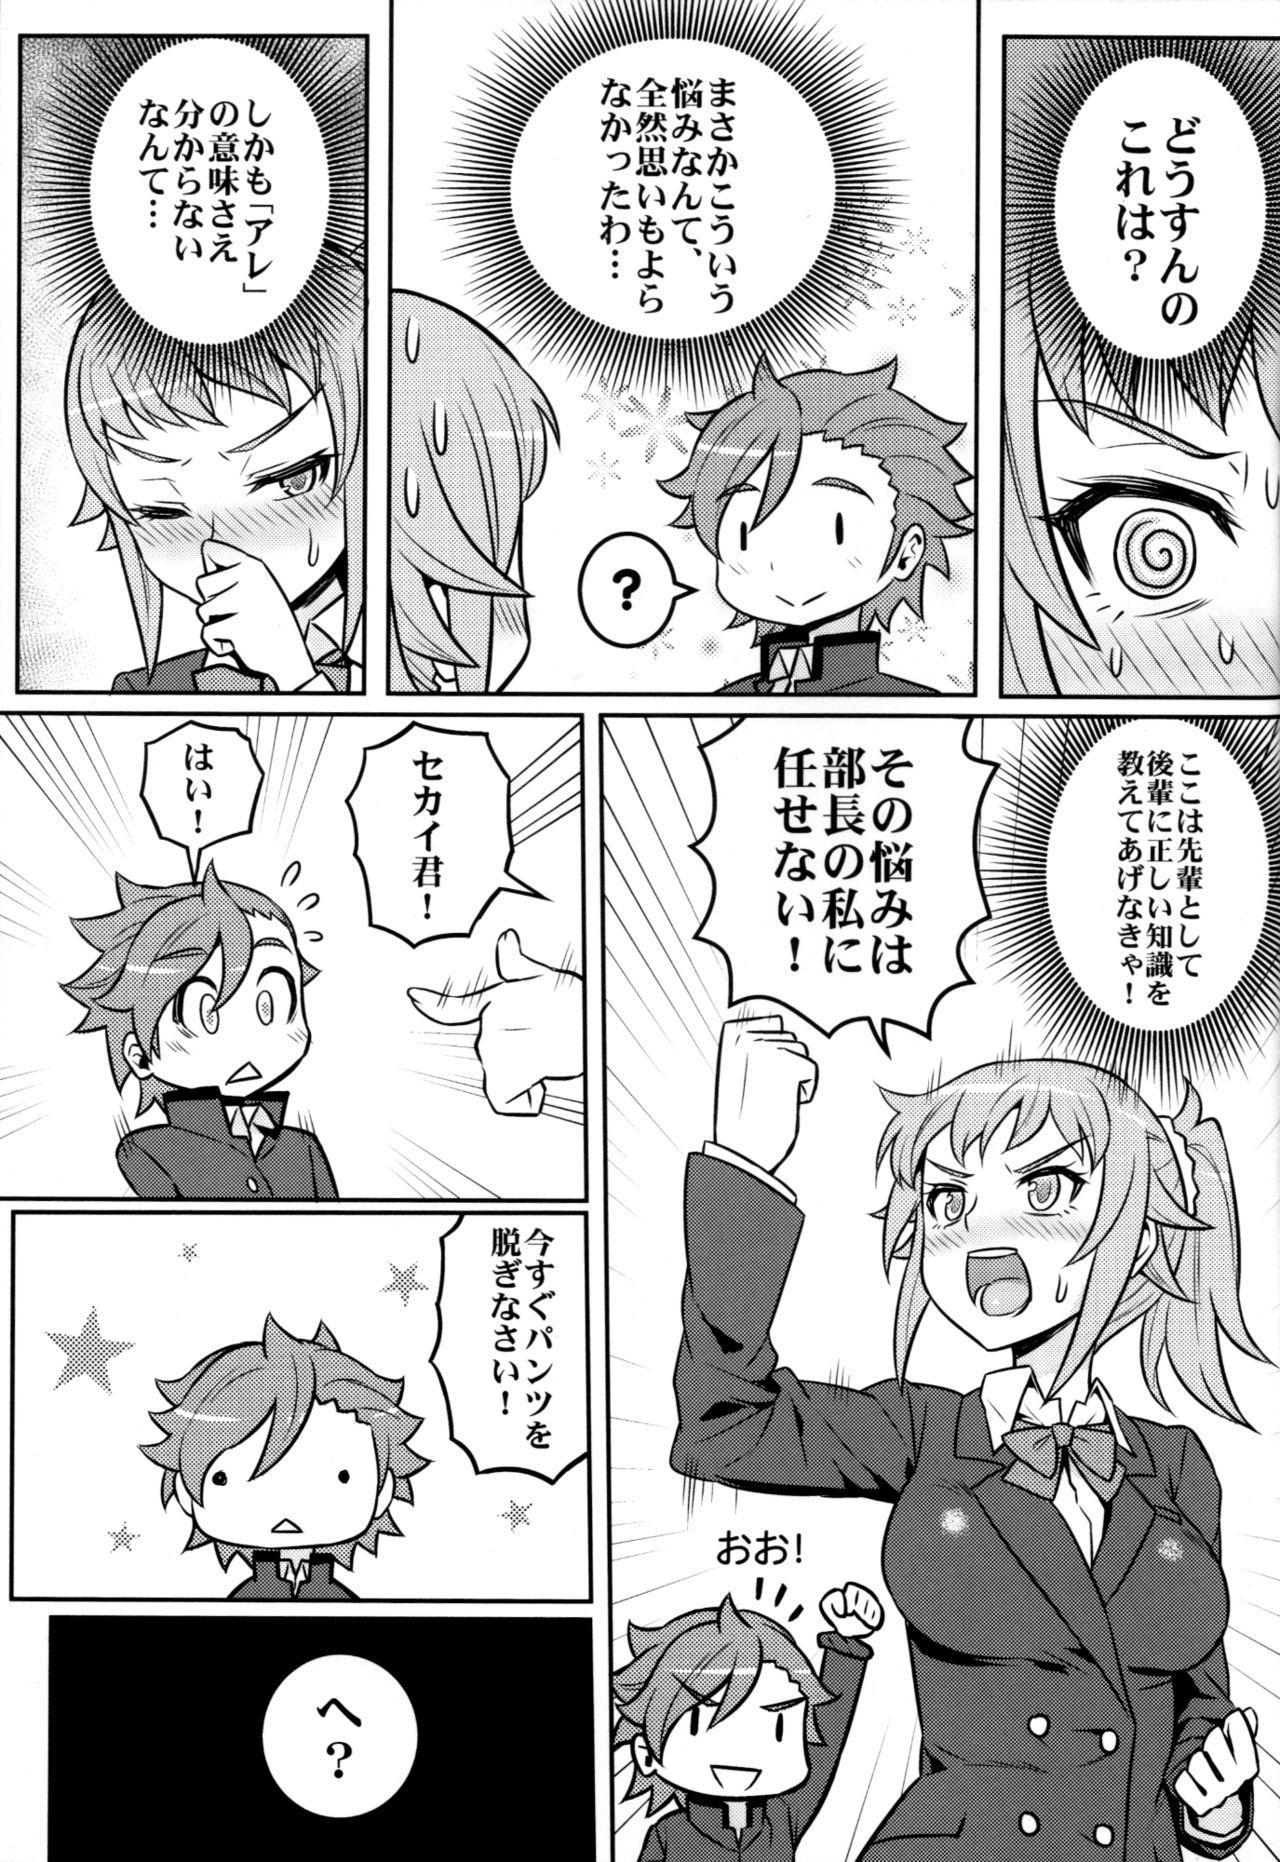 Nayamashii Fighters 5